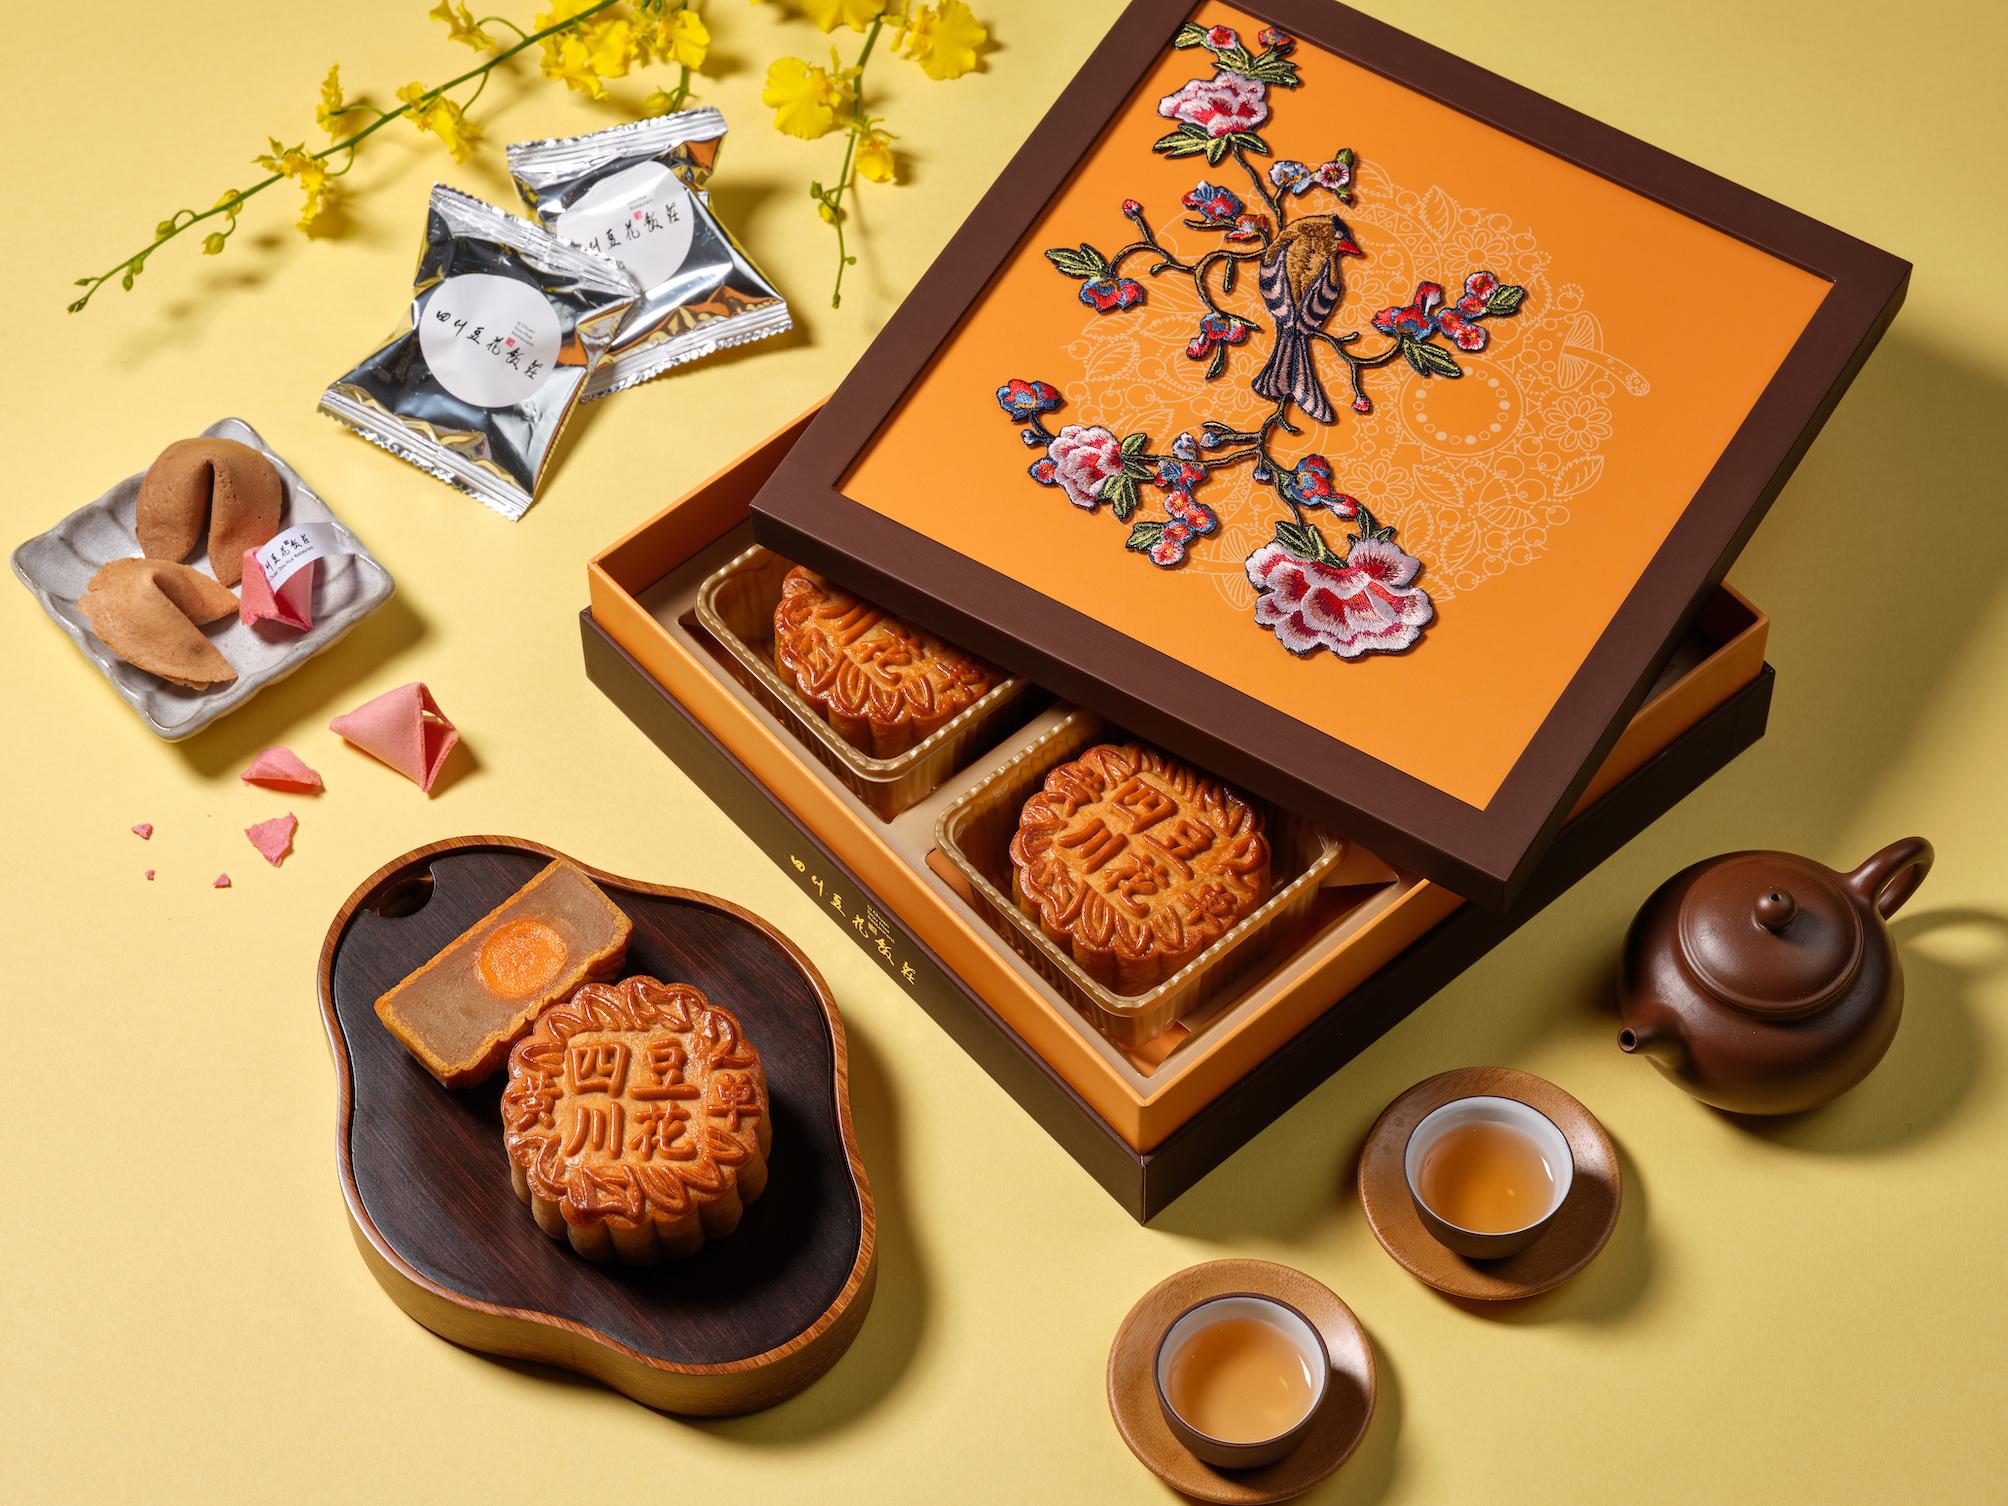 Si Chuan Dou Hua mooncake 2020